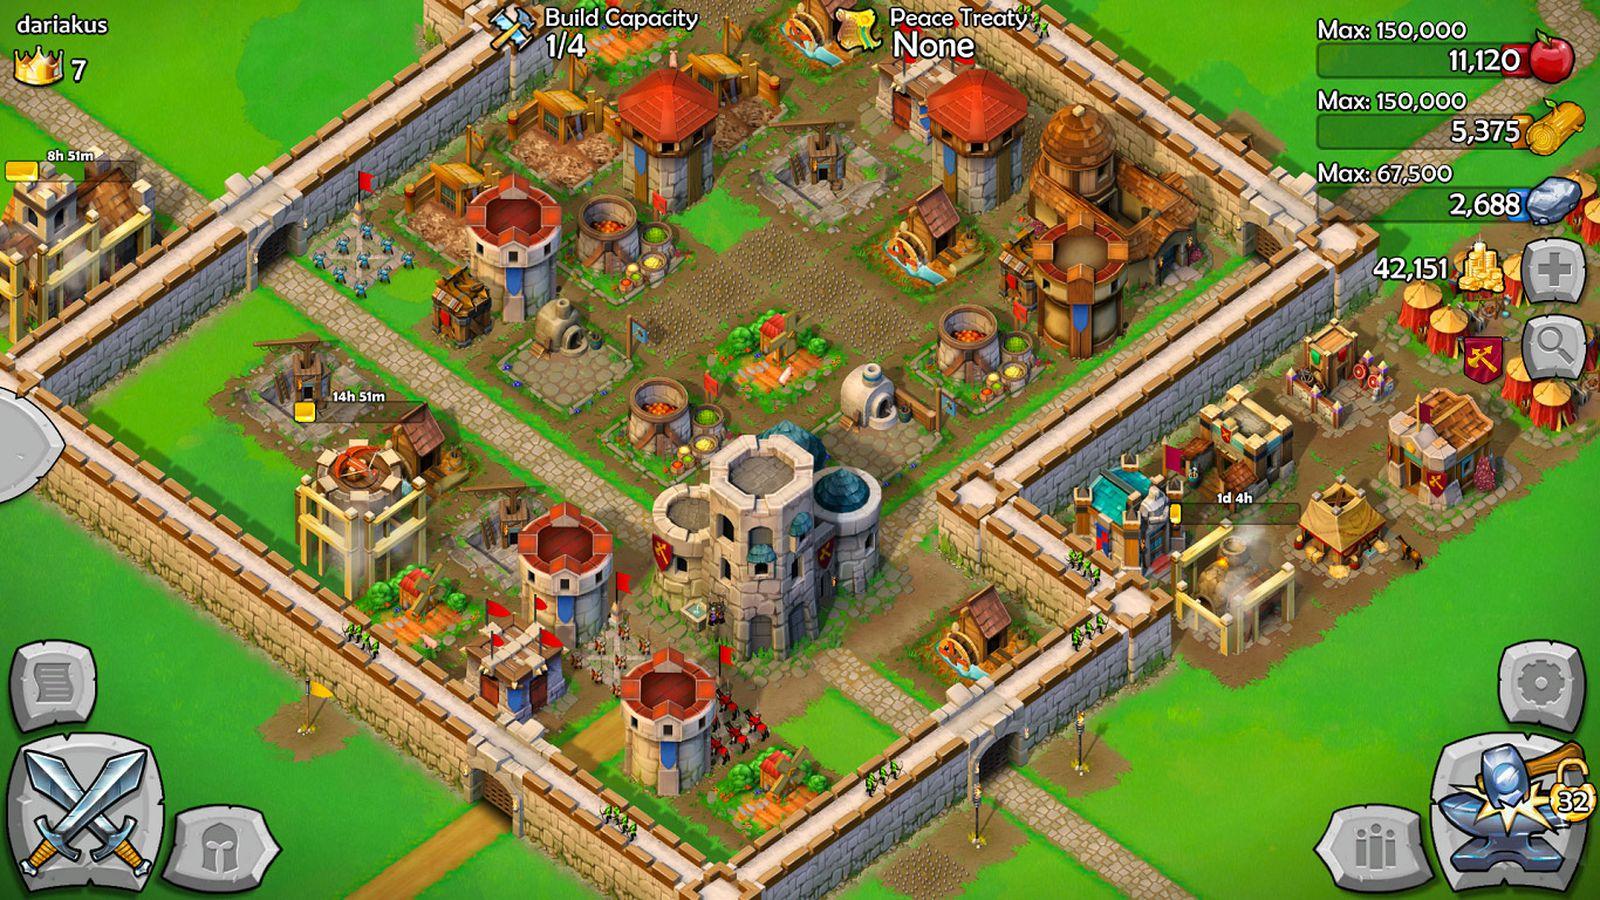 Age of Empires (series) | Age of Empires Series Wiki | Fandom